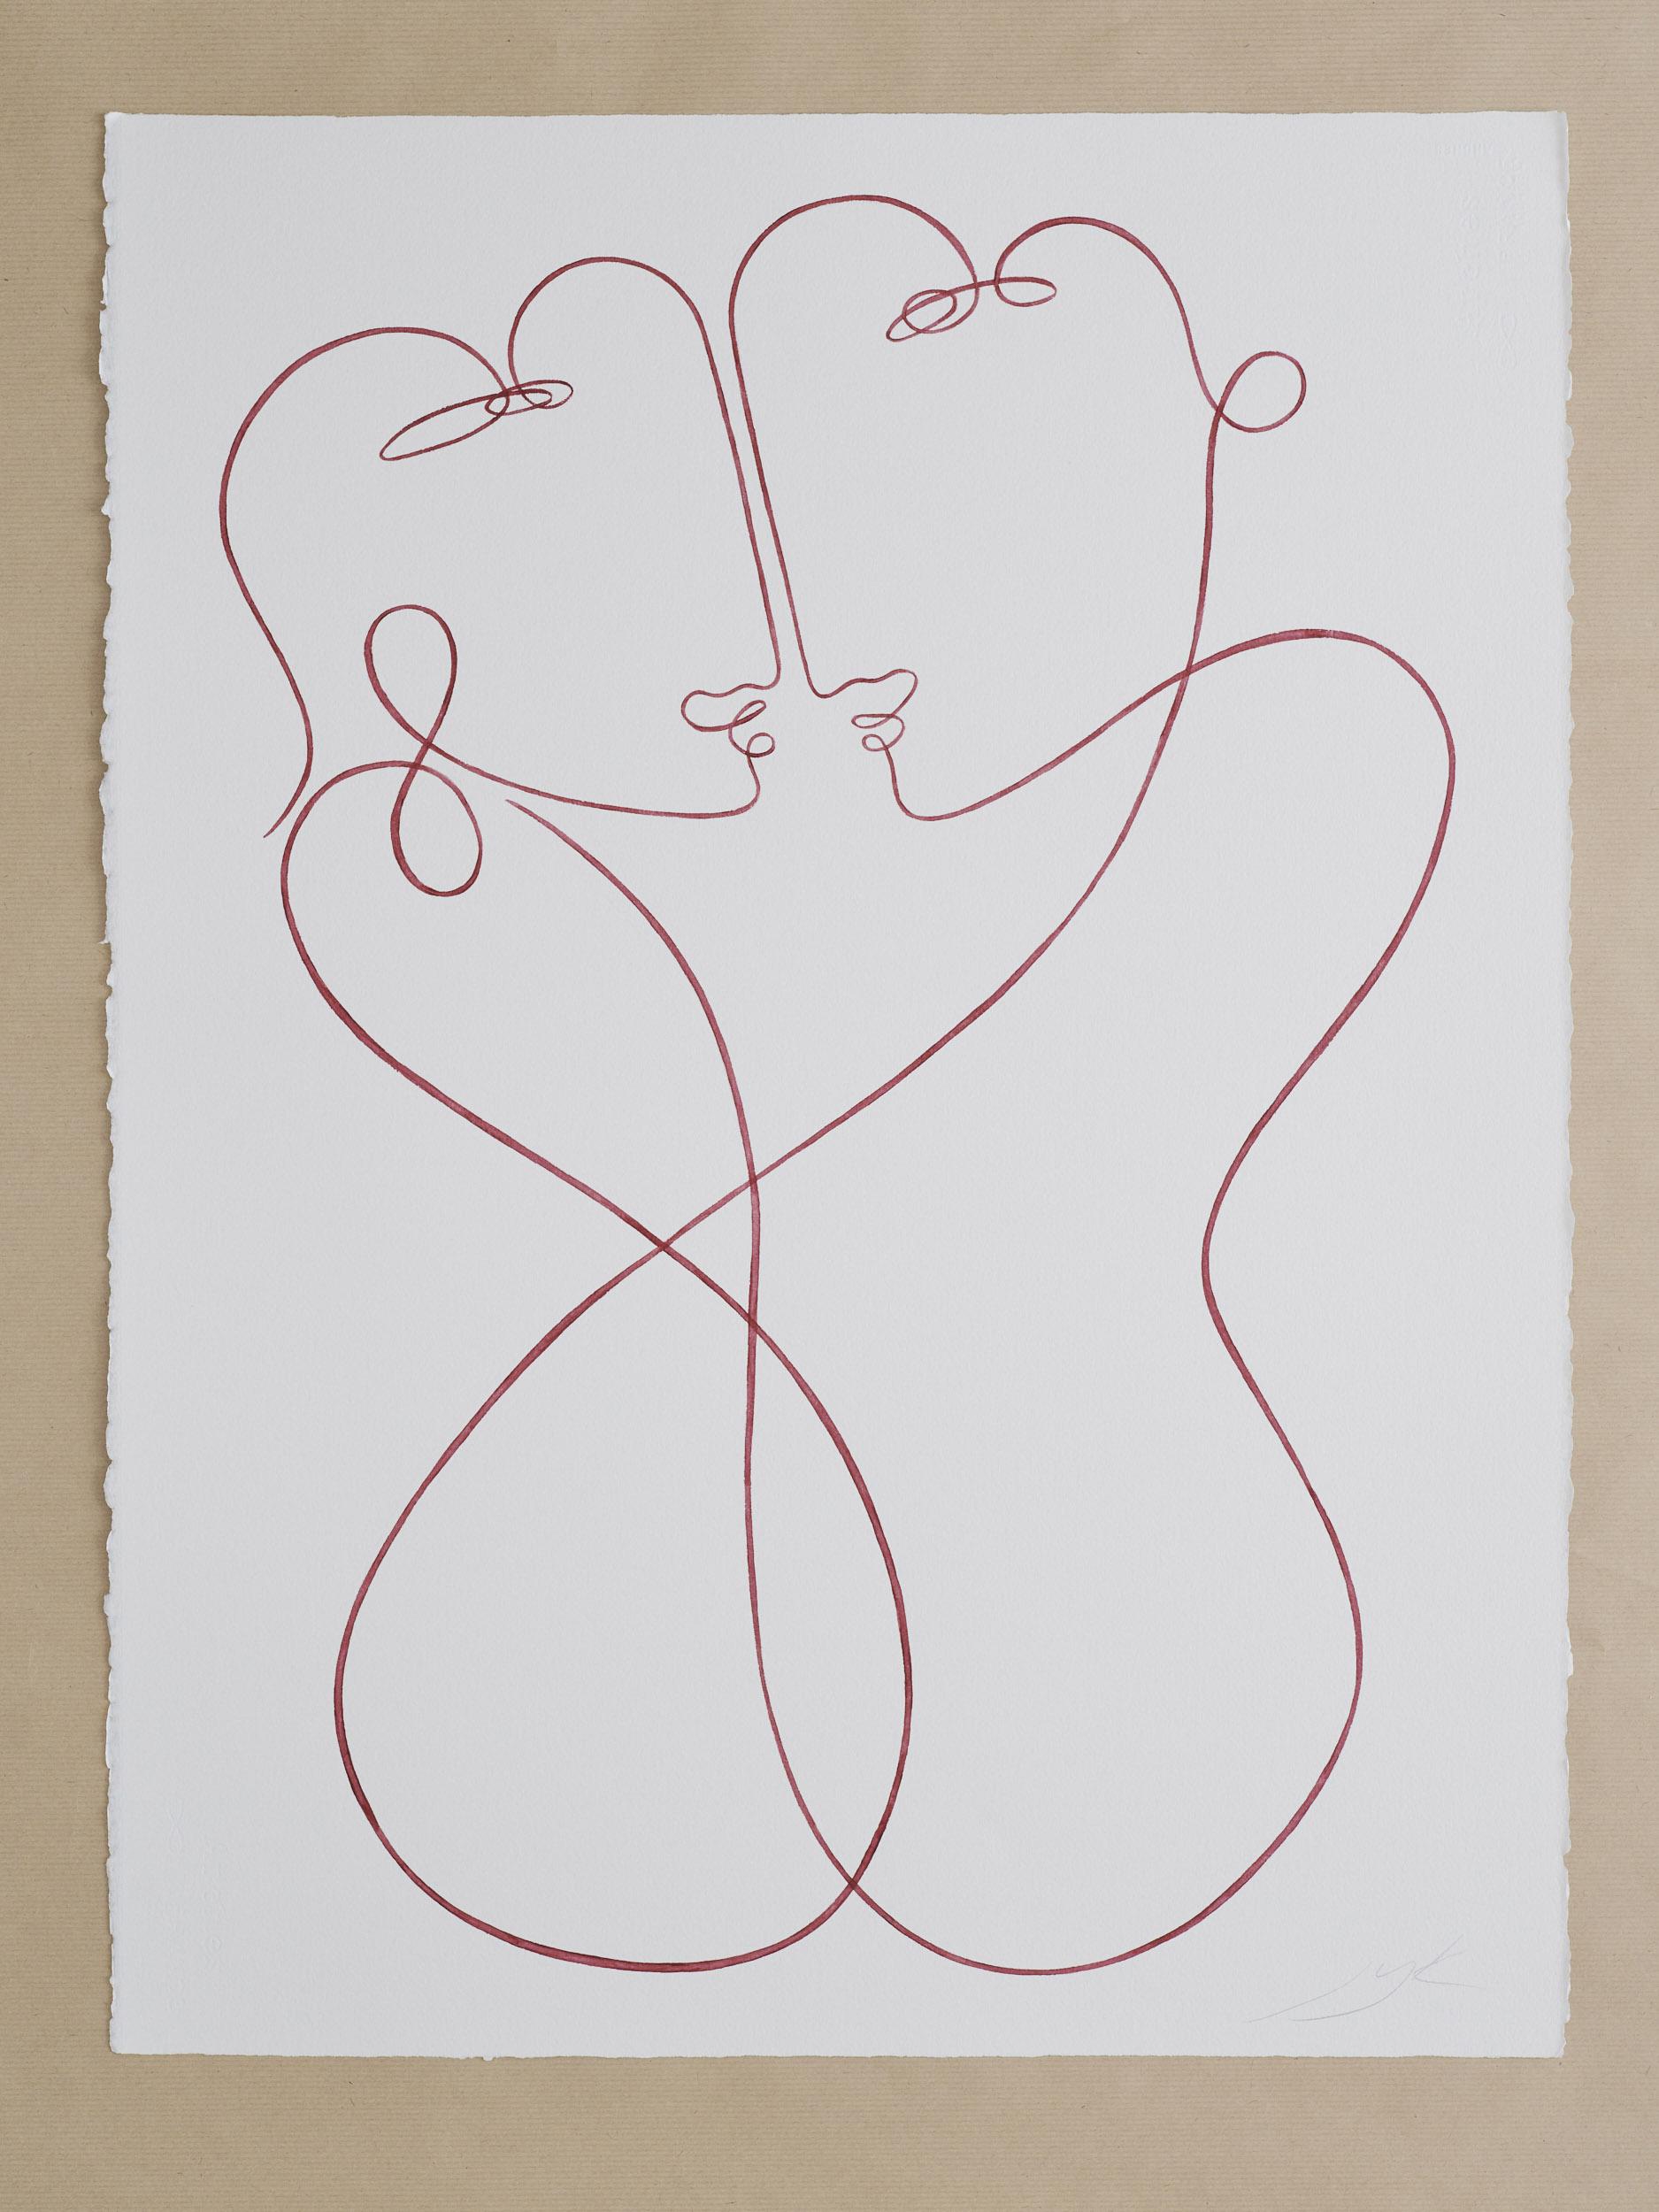 Hold me (56 x 76 cm)